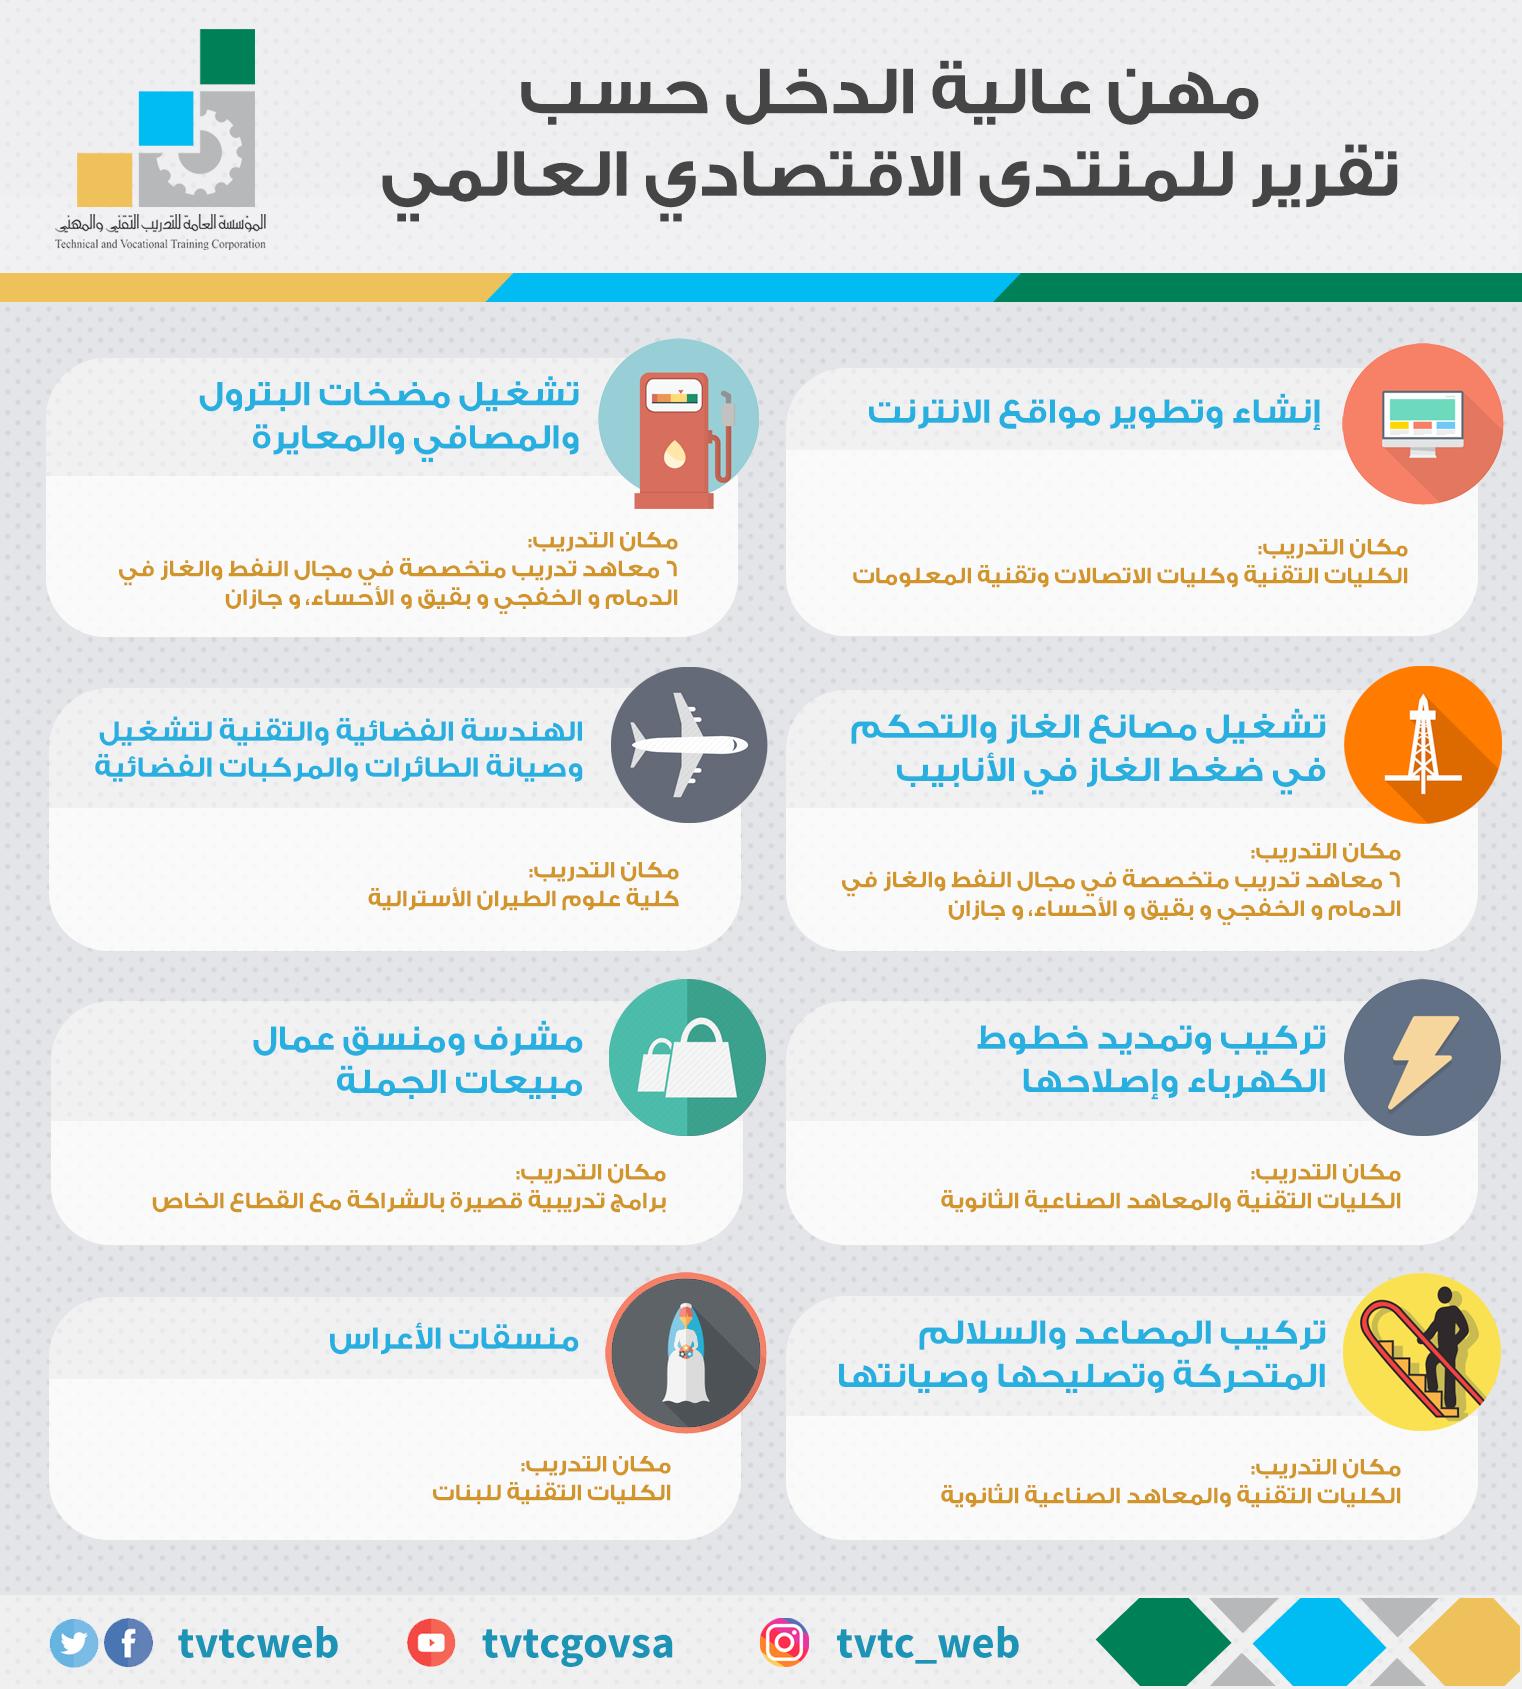 المهن الأكثر دخلاً في السعودية